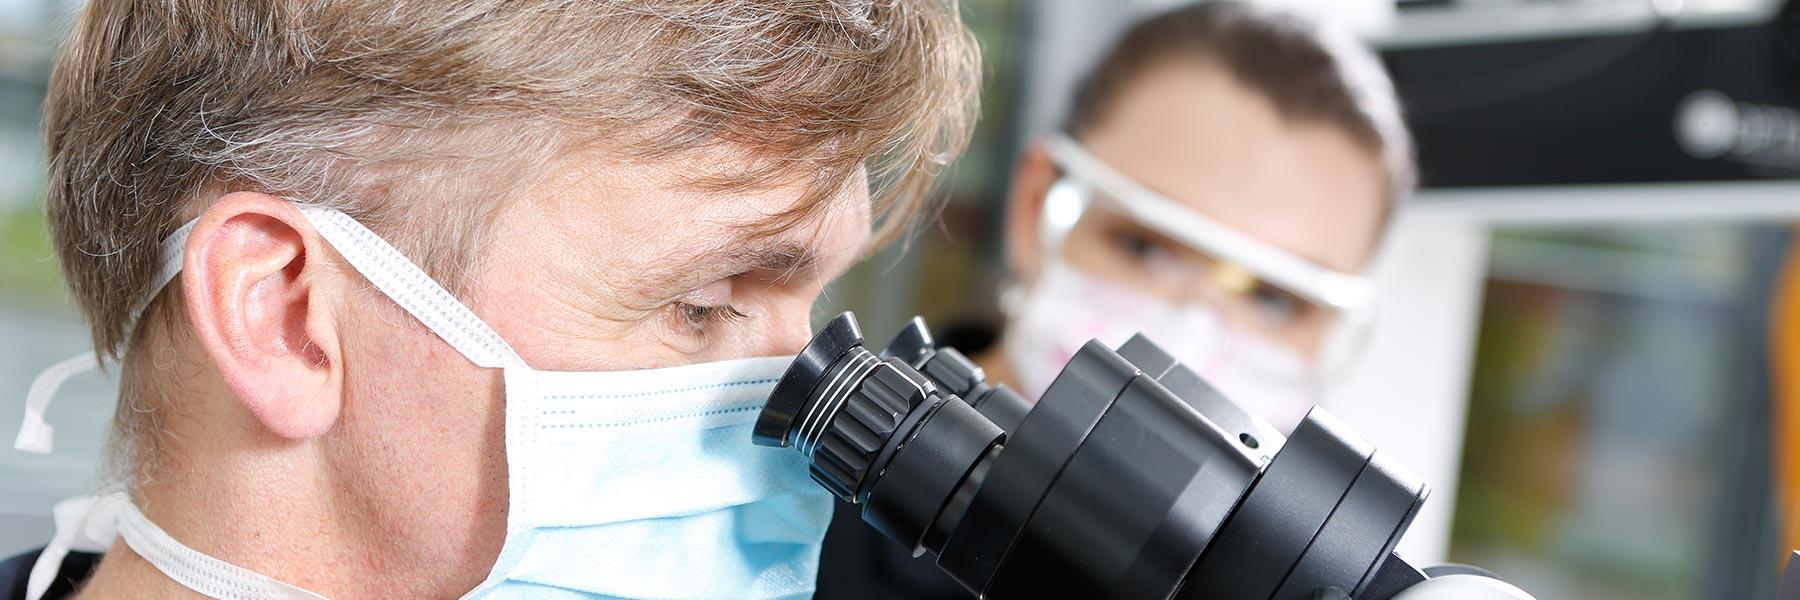 Zahnwurzelbehandlung (Endodontie) Langenhagen mit OP-Mikroskop